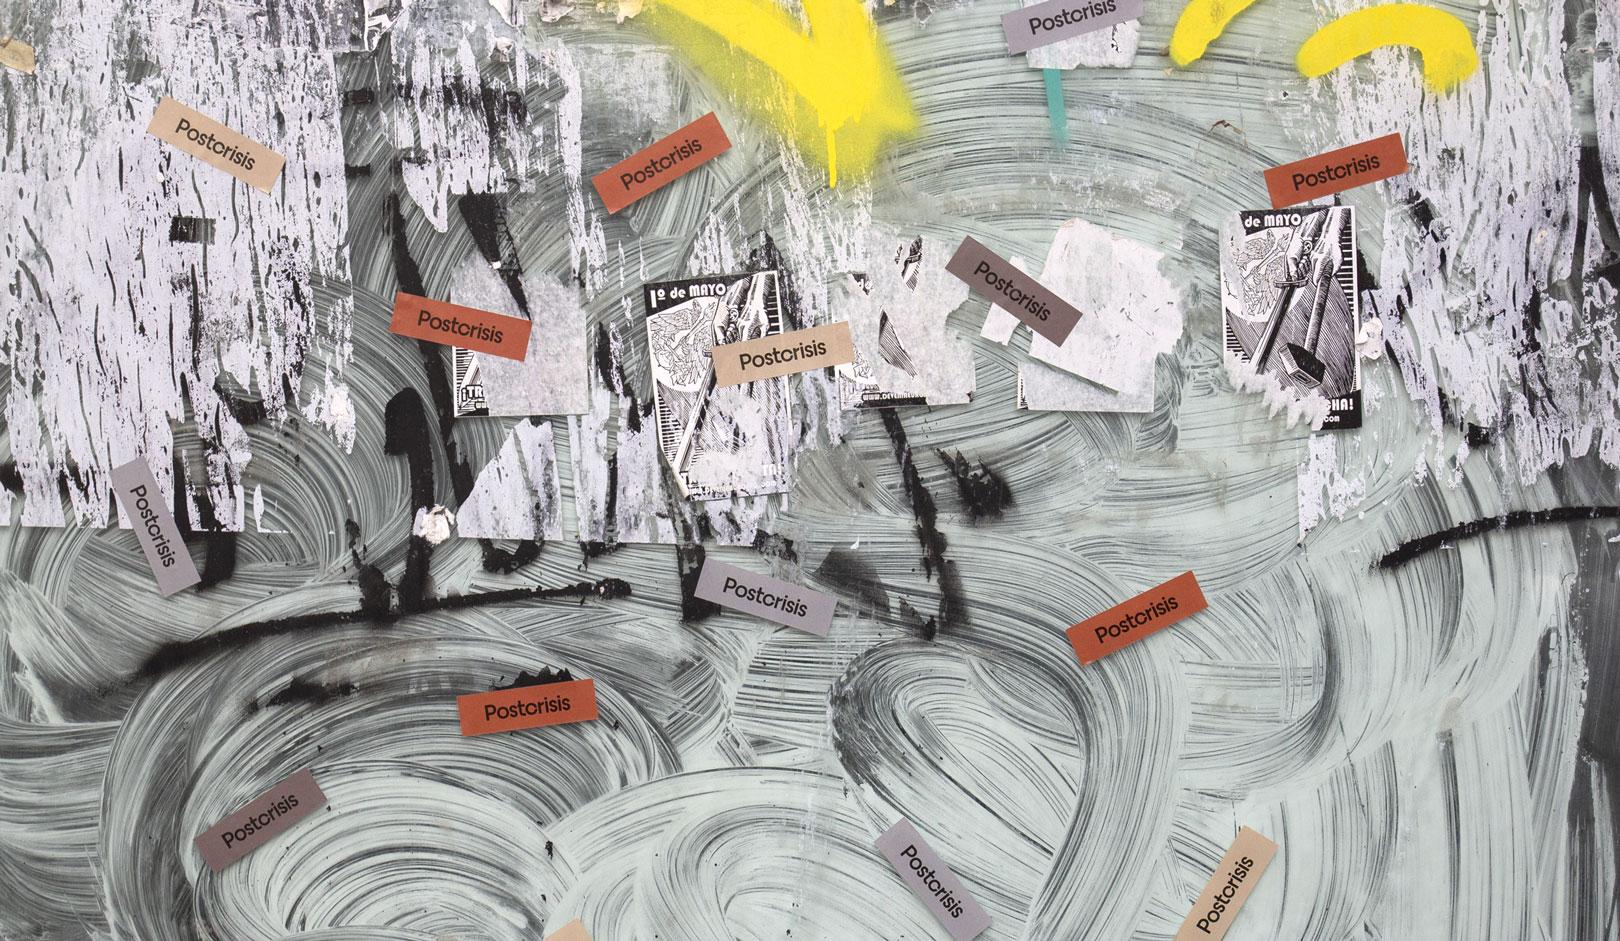 Fase, estudio de diseño gráfico. Identidad exposición de arte Postcrisis. Adhesivos.